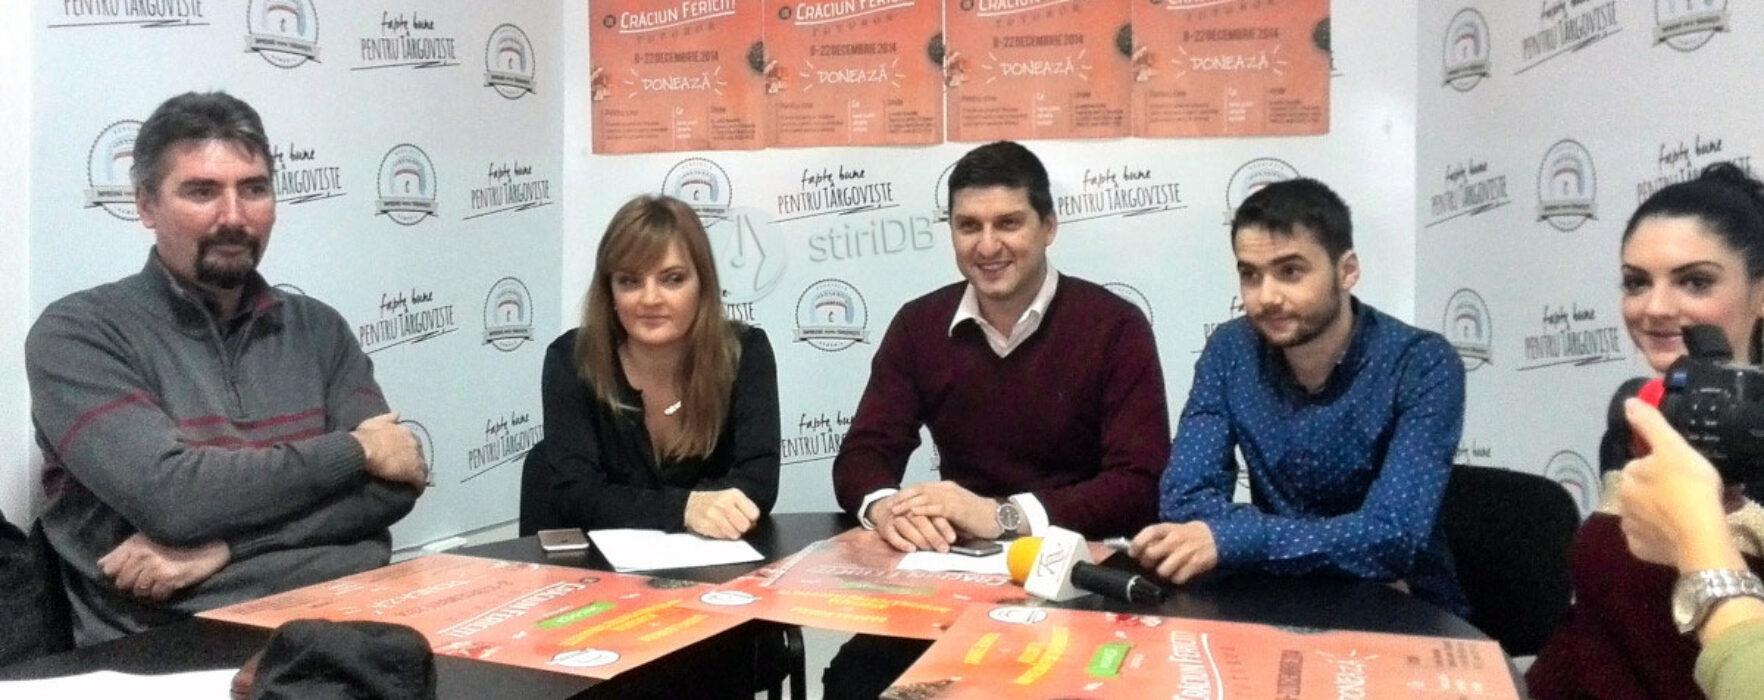 """Campanie umanitară de Crăciun demarată de Gabriel Boriga şi """"Împreună pentru Târgovişte"""""""